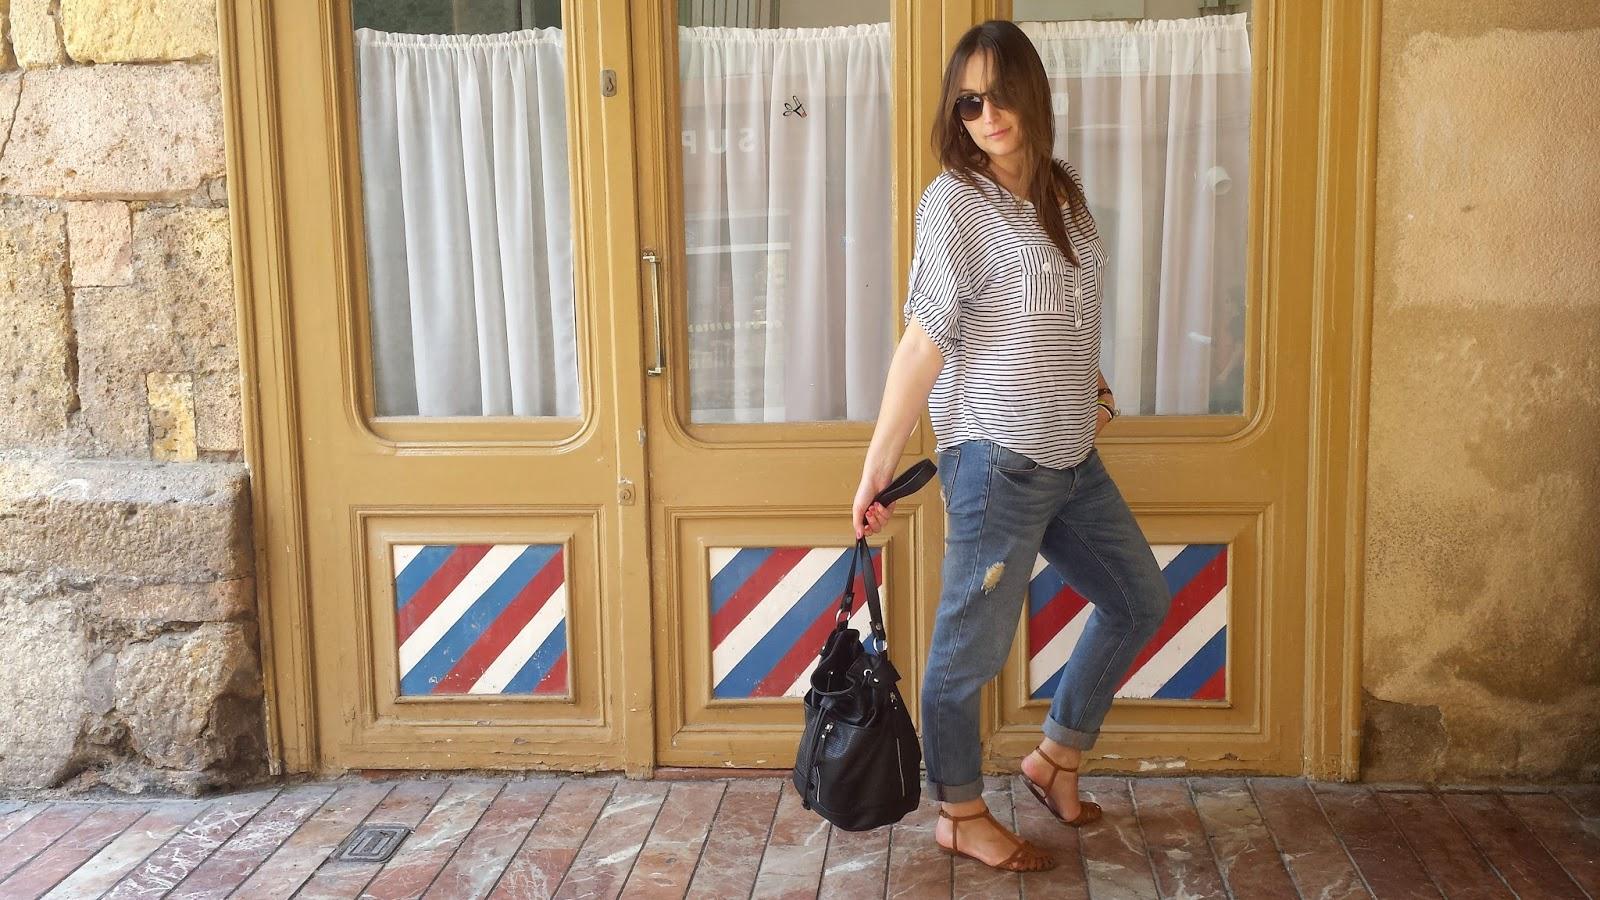 Outfit perfecto para pasear en primavera, un pantalón boyfriend de Pimkie y camisa marinera vintage. Look casual y comodísimo